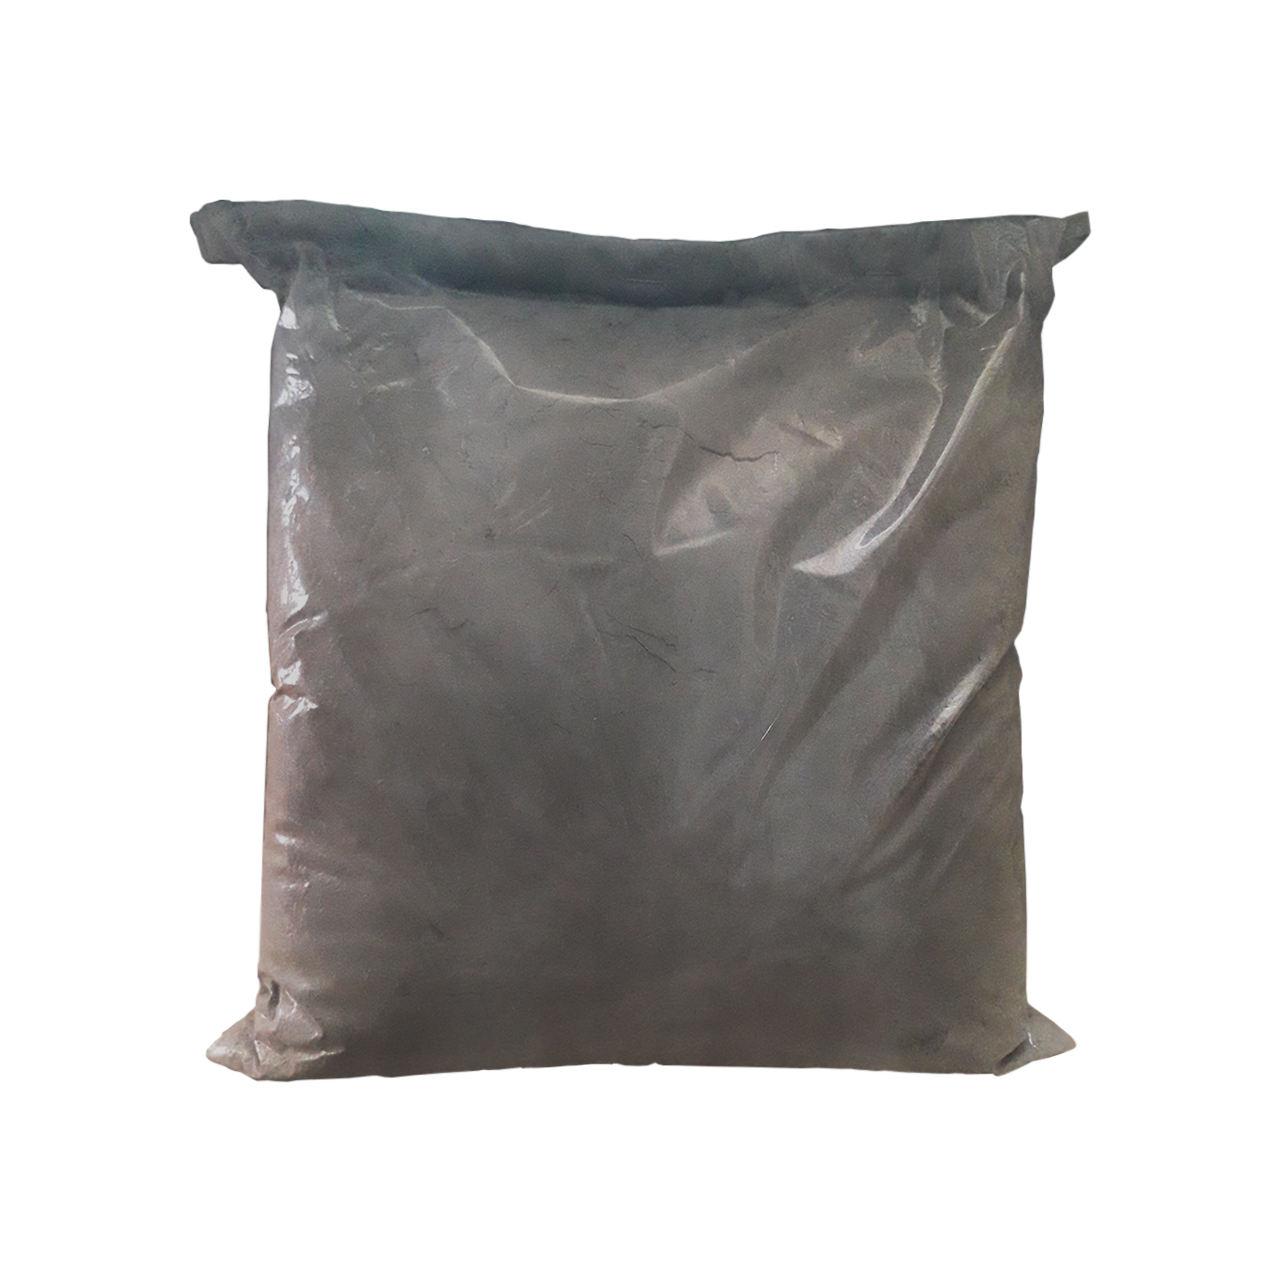 قیمت پودر سیمان سیاه کد ۰۱ وزن ۱ کیلوگرم